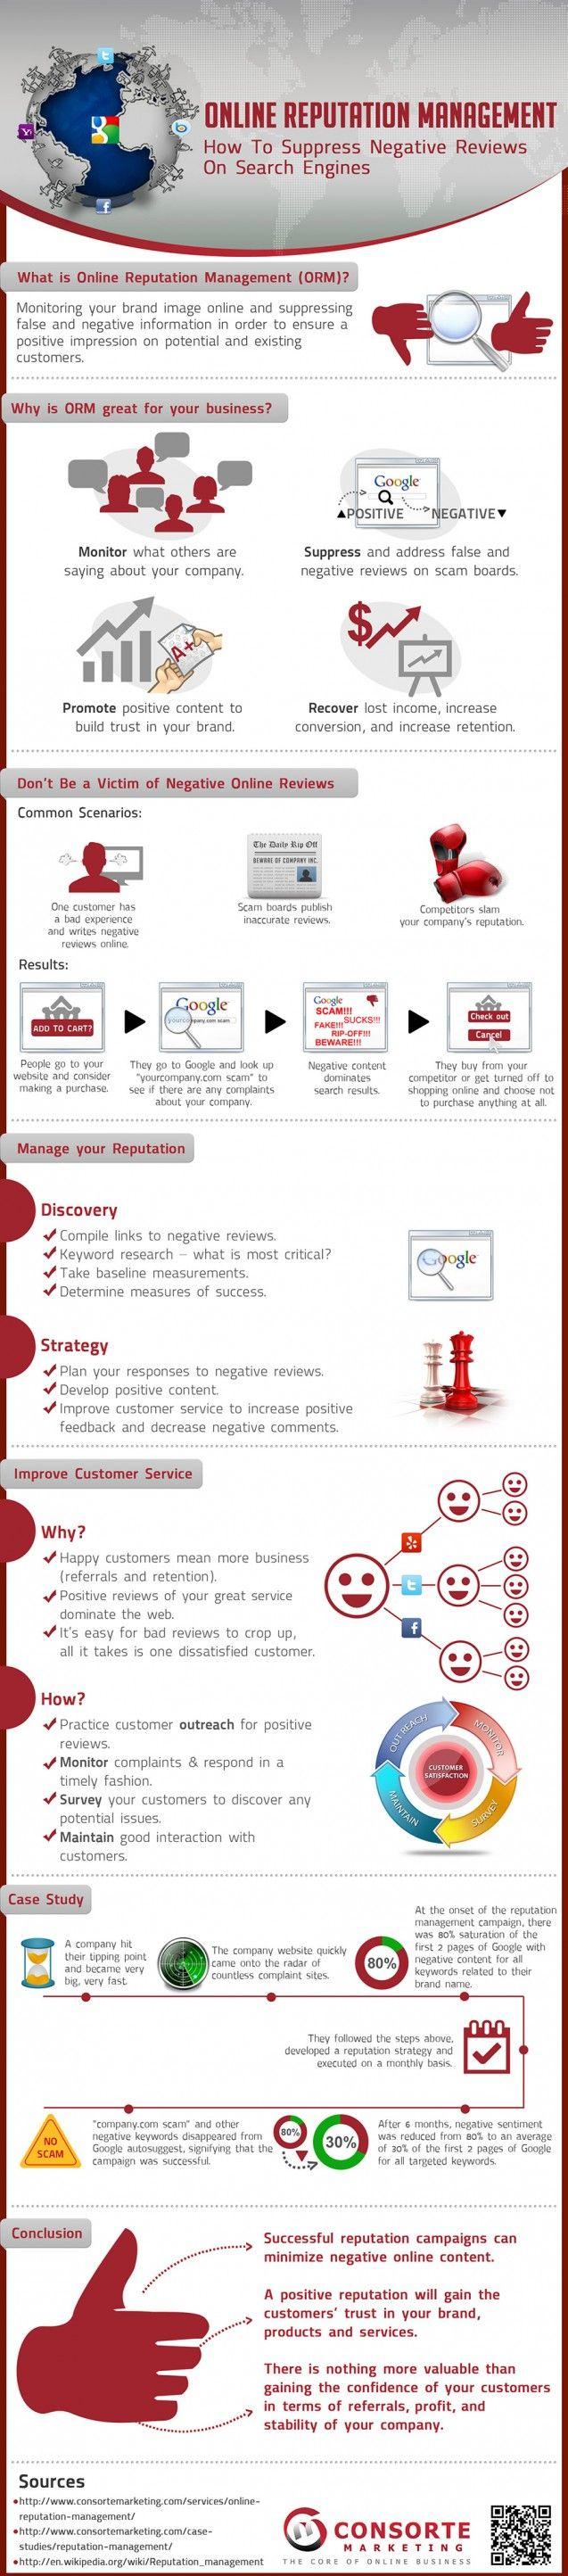 Online Reputation ManagementOnline Marketing, Social Media Tips, Internet Marketing, Digital Marketing, Management Infographic, Reputation Management, Online Reputation, Business Marketing, Socialmedia